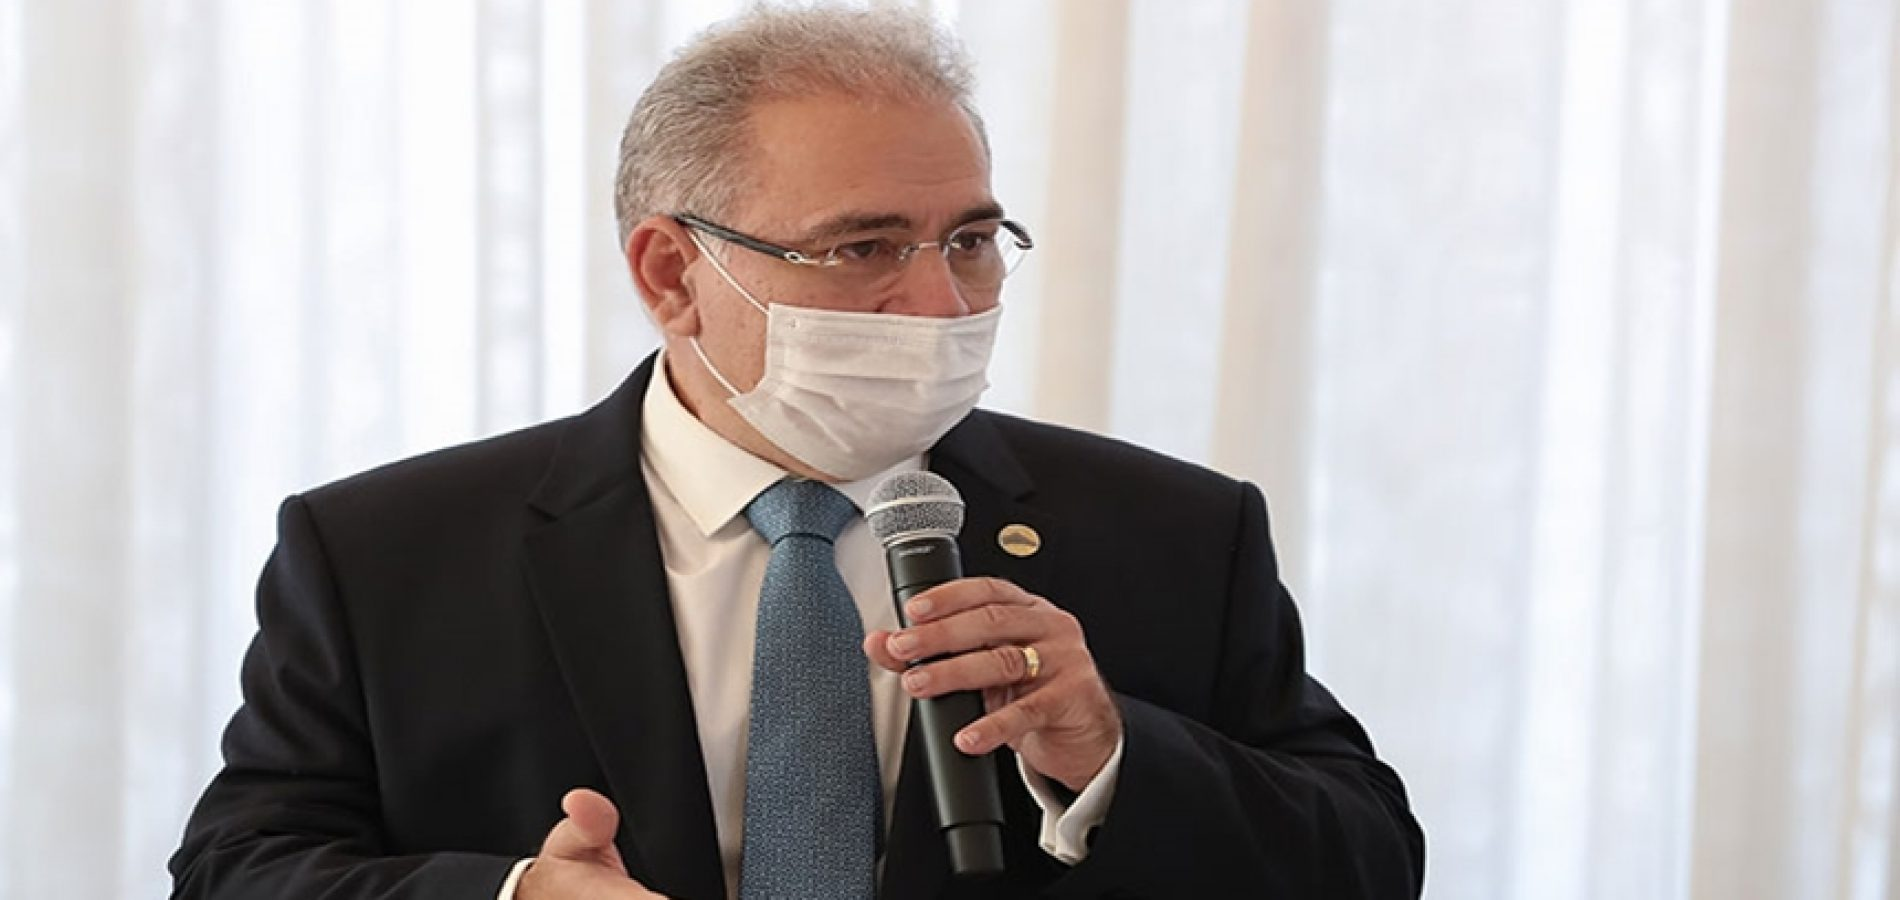 Ministro da Saúde diz que é possível vacinar toda população brasileira em 2021